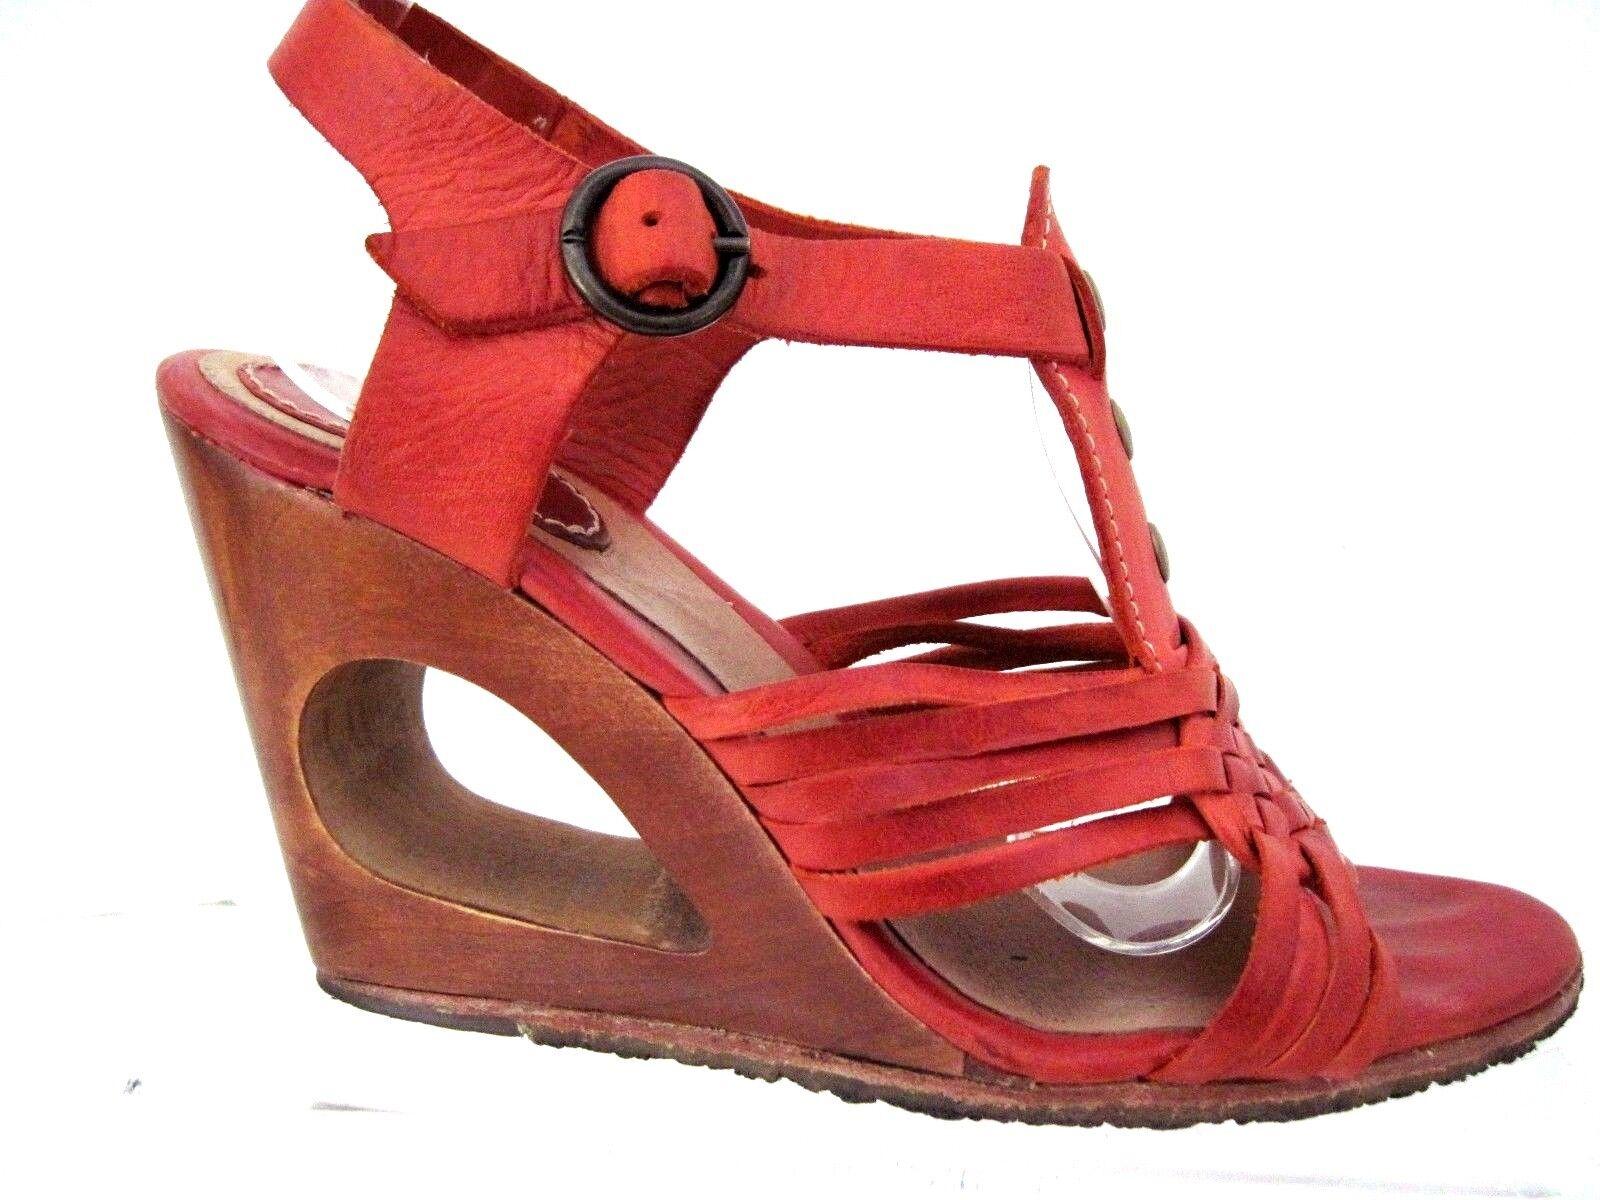 FRYE orange Leather Ankle Strap T Strap Open Toe Sandal Heels Size 6 B